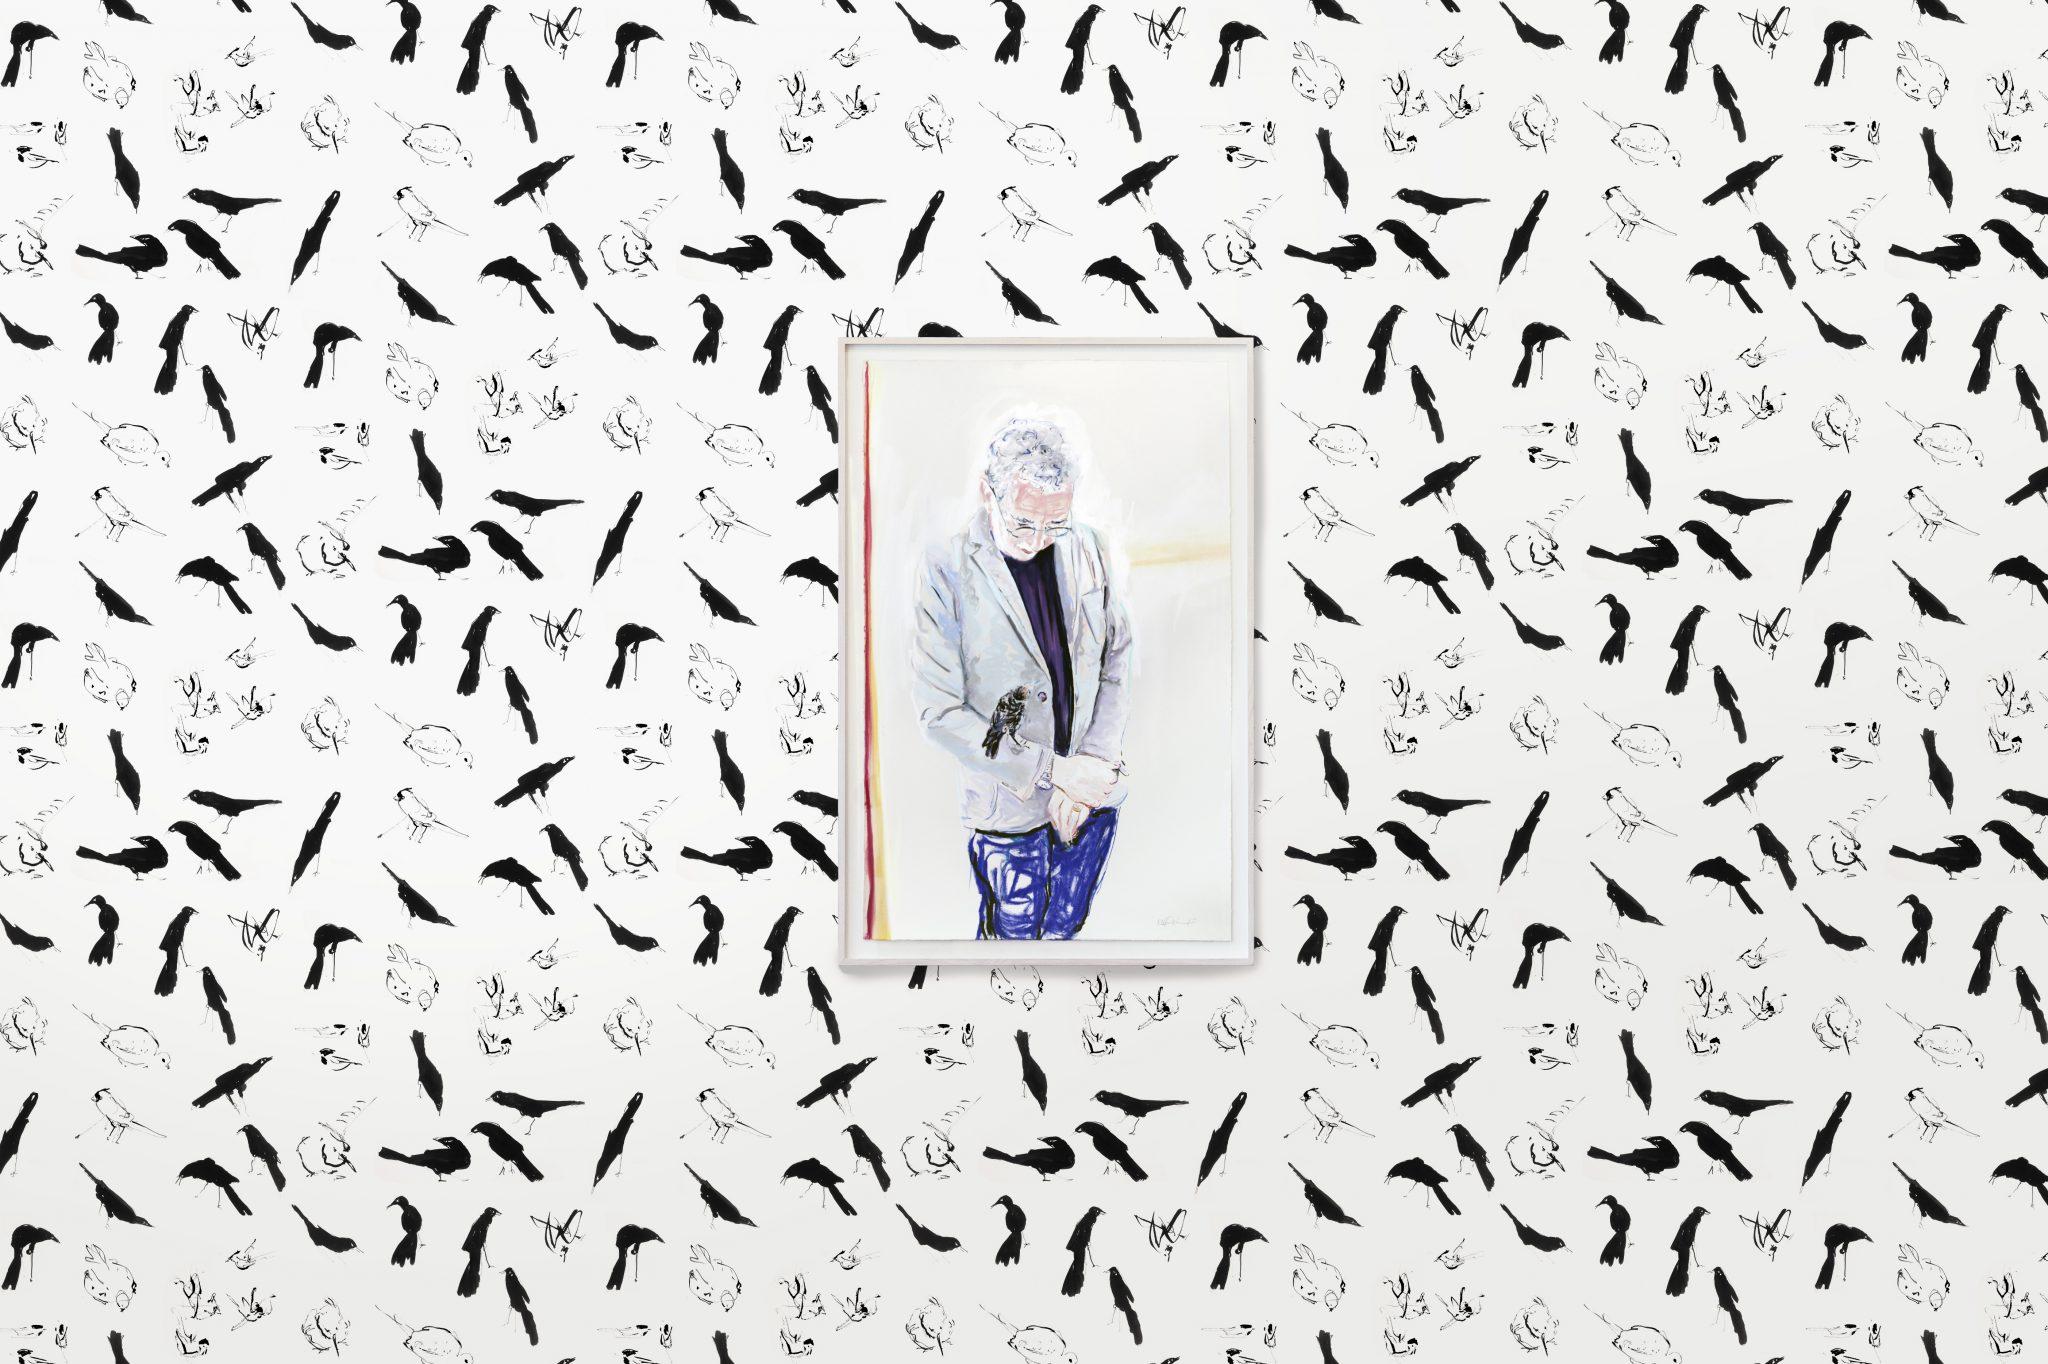 klaus & screech with birds wallpaper